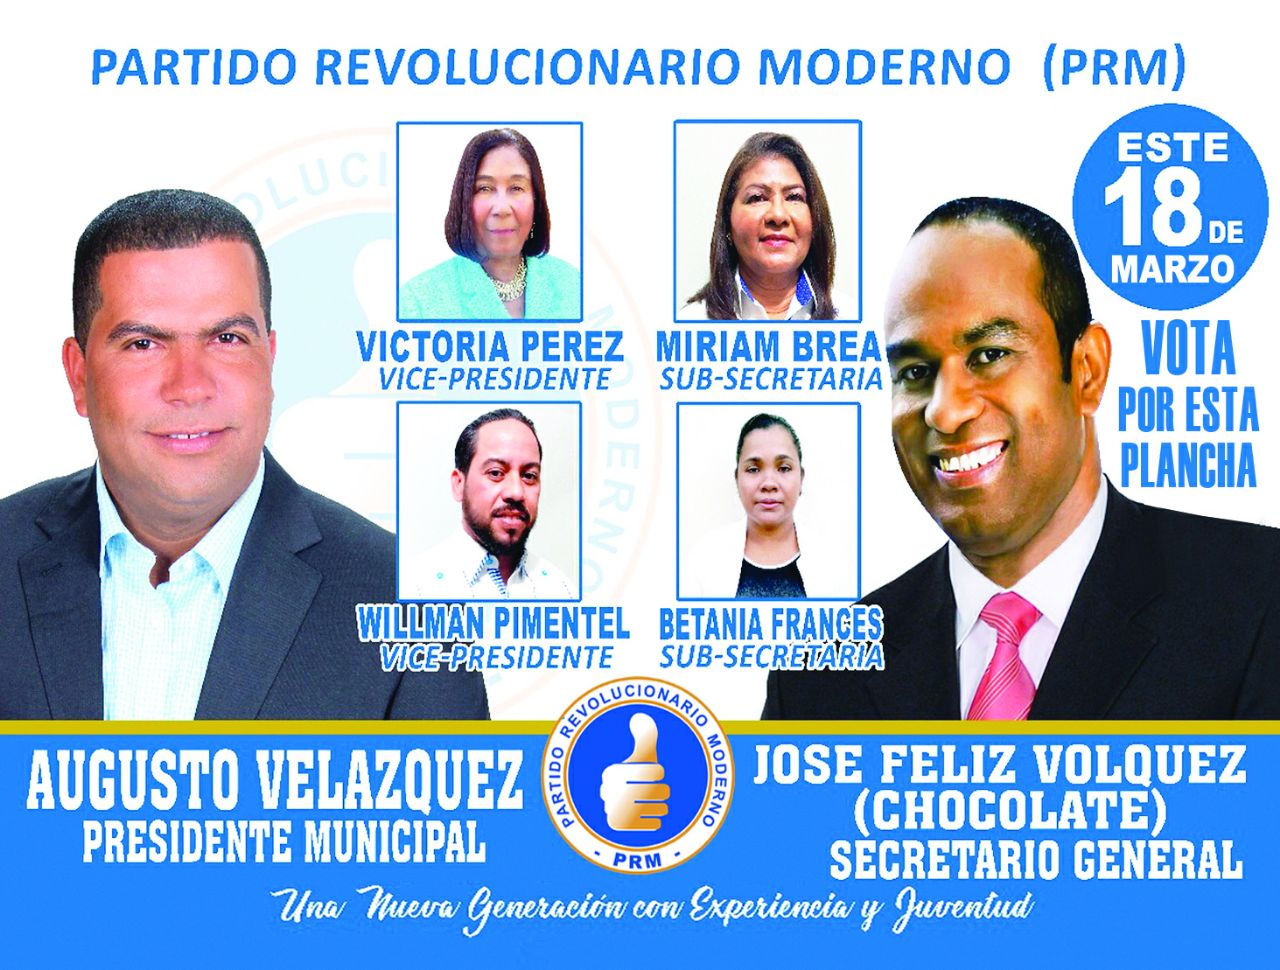 PUBLICIDAD--VOTA EL 18 DE MARZO PARA DIRIGIR EL COMITÉ MUNICIPAL. DEL P.R.M. EN PEDERNALES